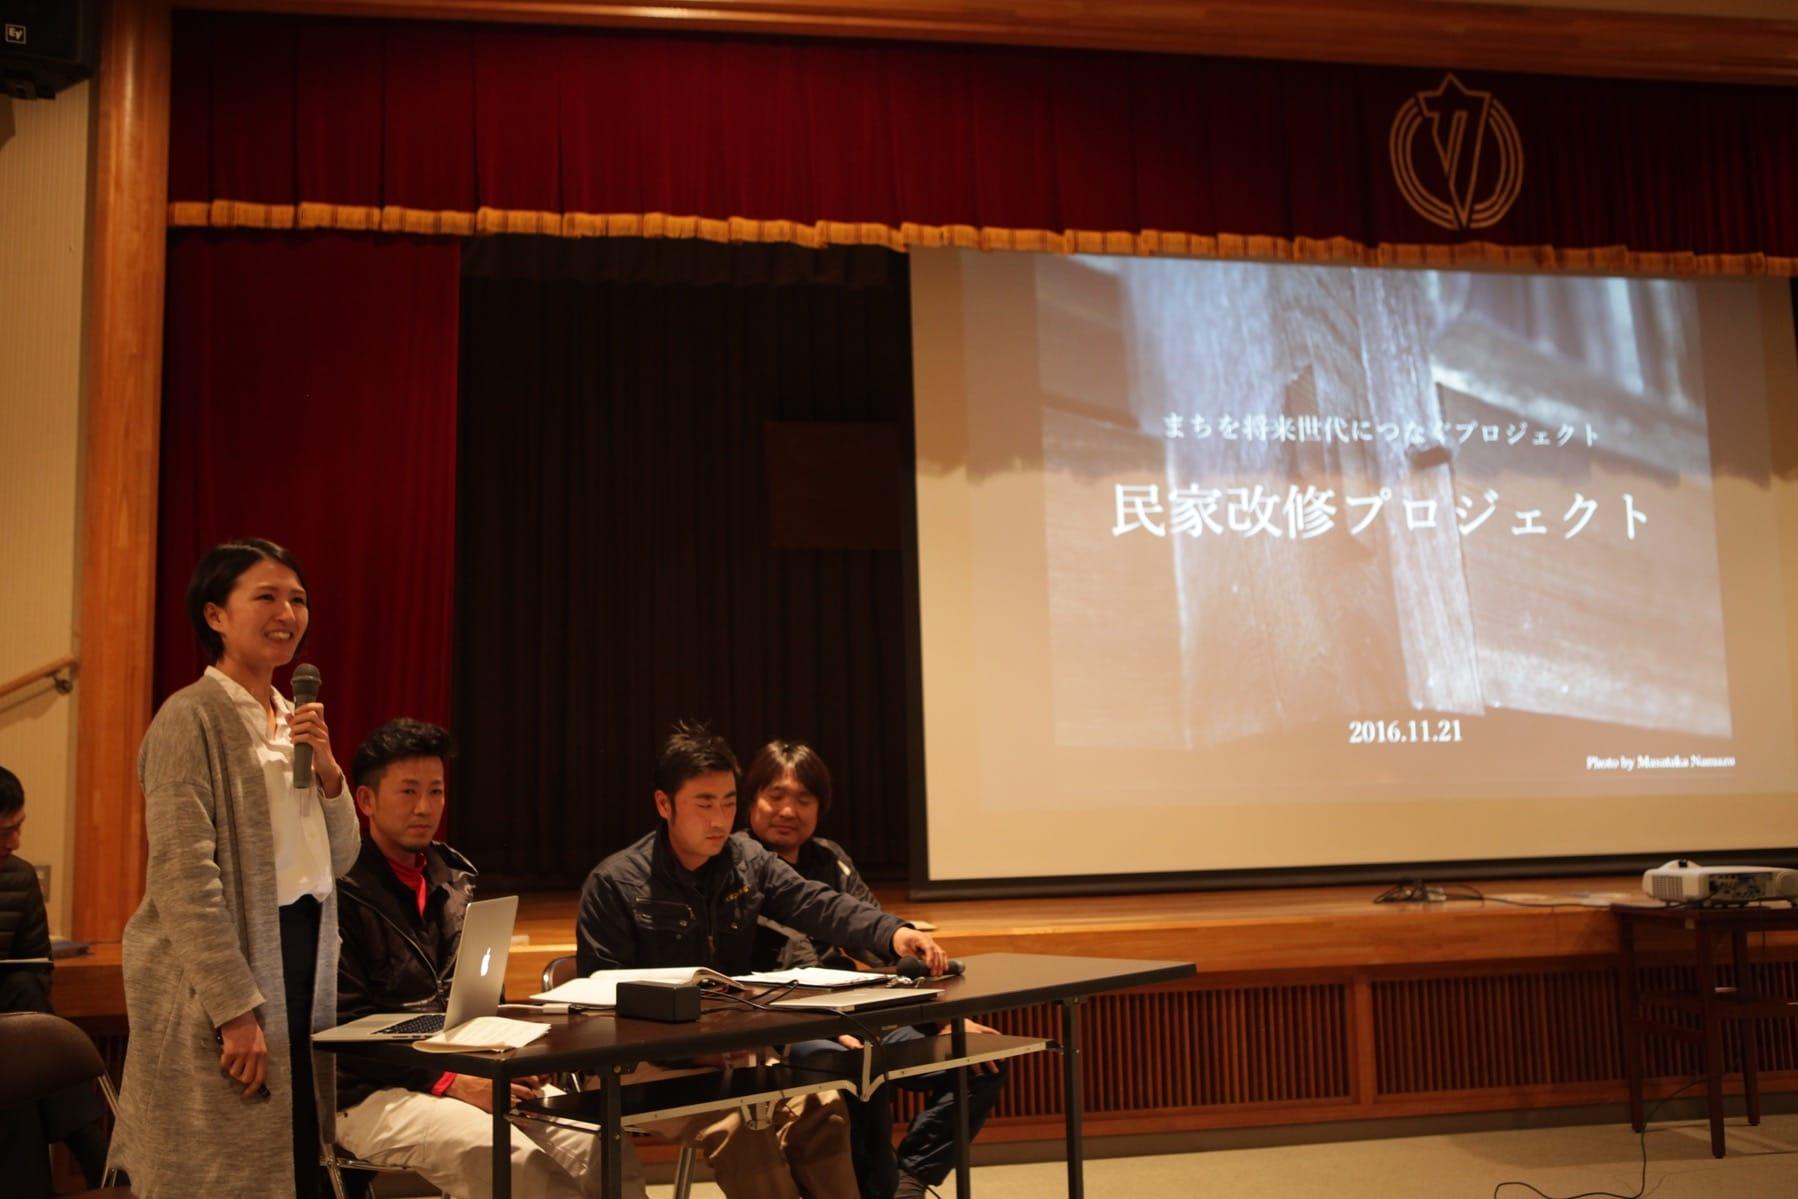 2016年11月21日「つなぷろ発表会」で民家改修プロジェクトについて、町内の工務チーム(右から製材屋さん、中央、左は若手大工さん)とともに報告する赤尾さん。